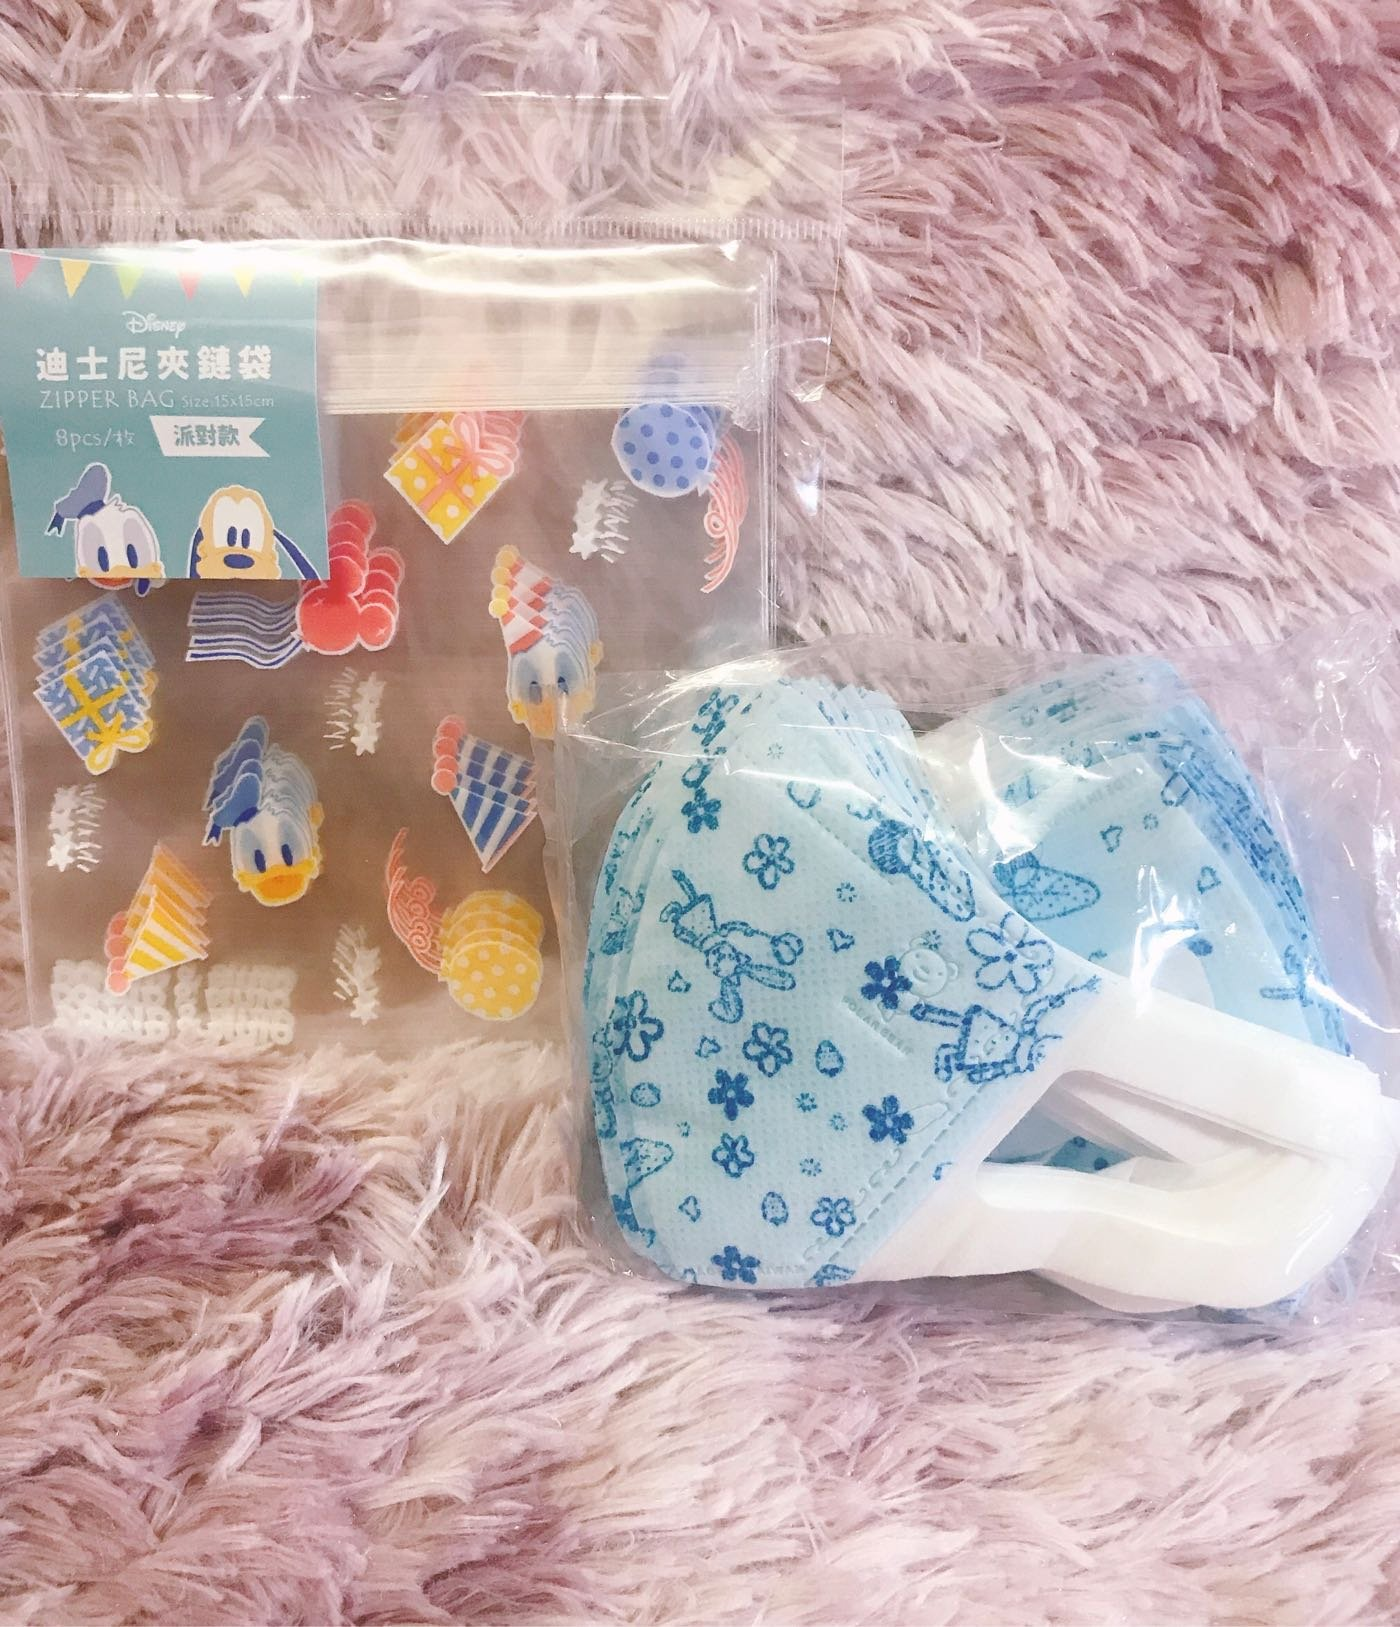 北極熊 幼幼口罩 立體耳掛式口罩 印花幼幼口罩 迪士尼夾鏈袋分裝 (7枚)